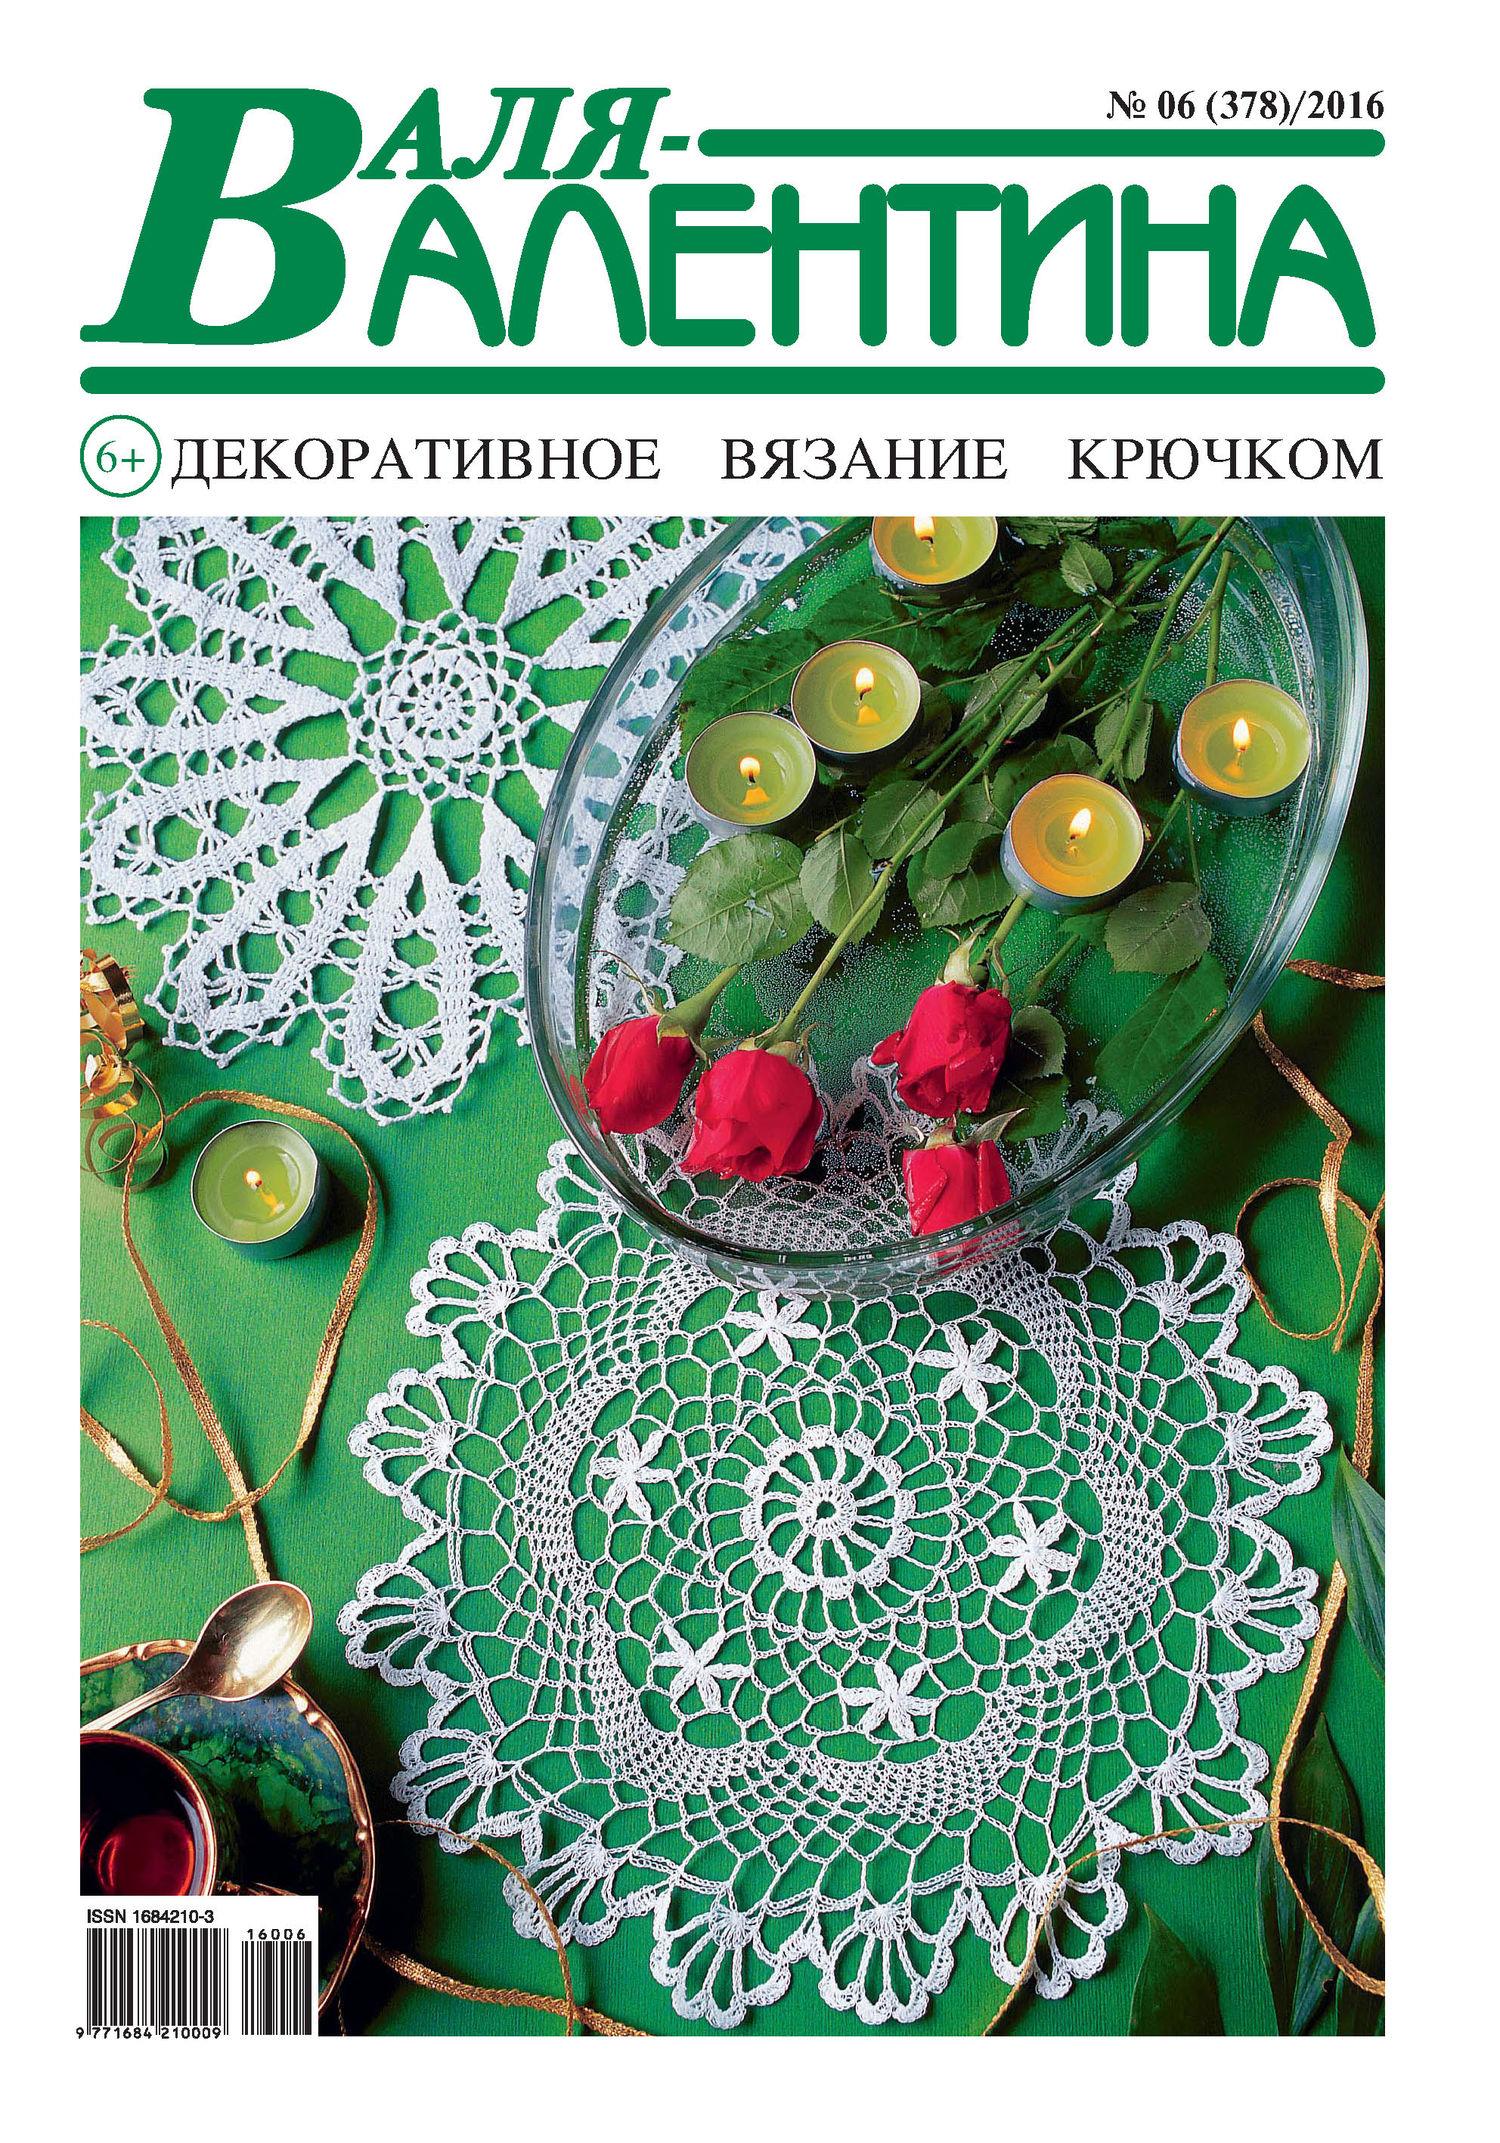 Отсутствует Валя-Валентина. Декоративное вязание крючком. №06/2016 как номер для аськи